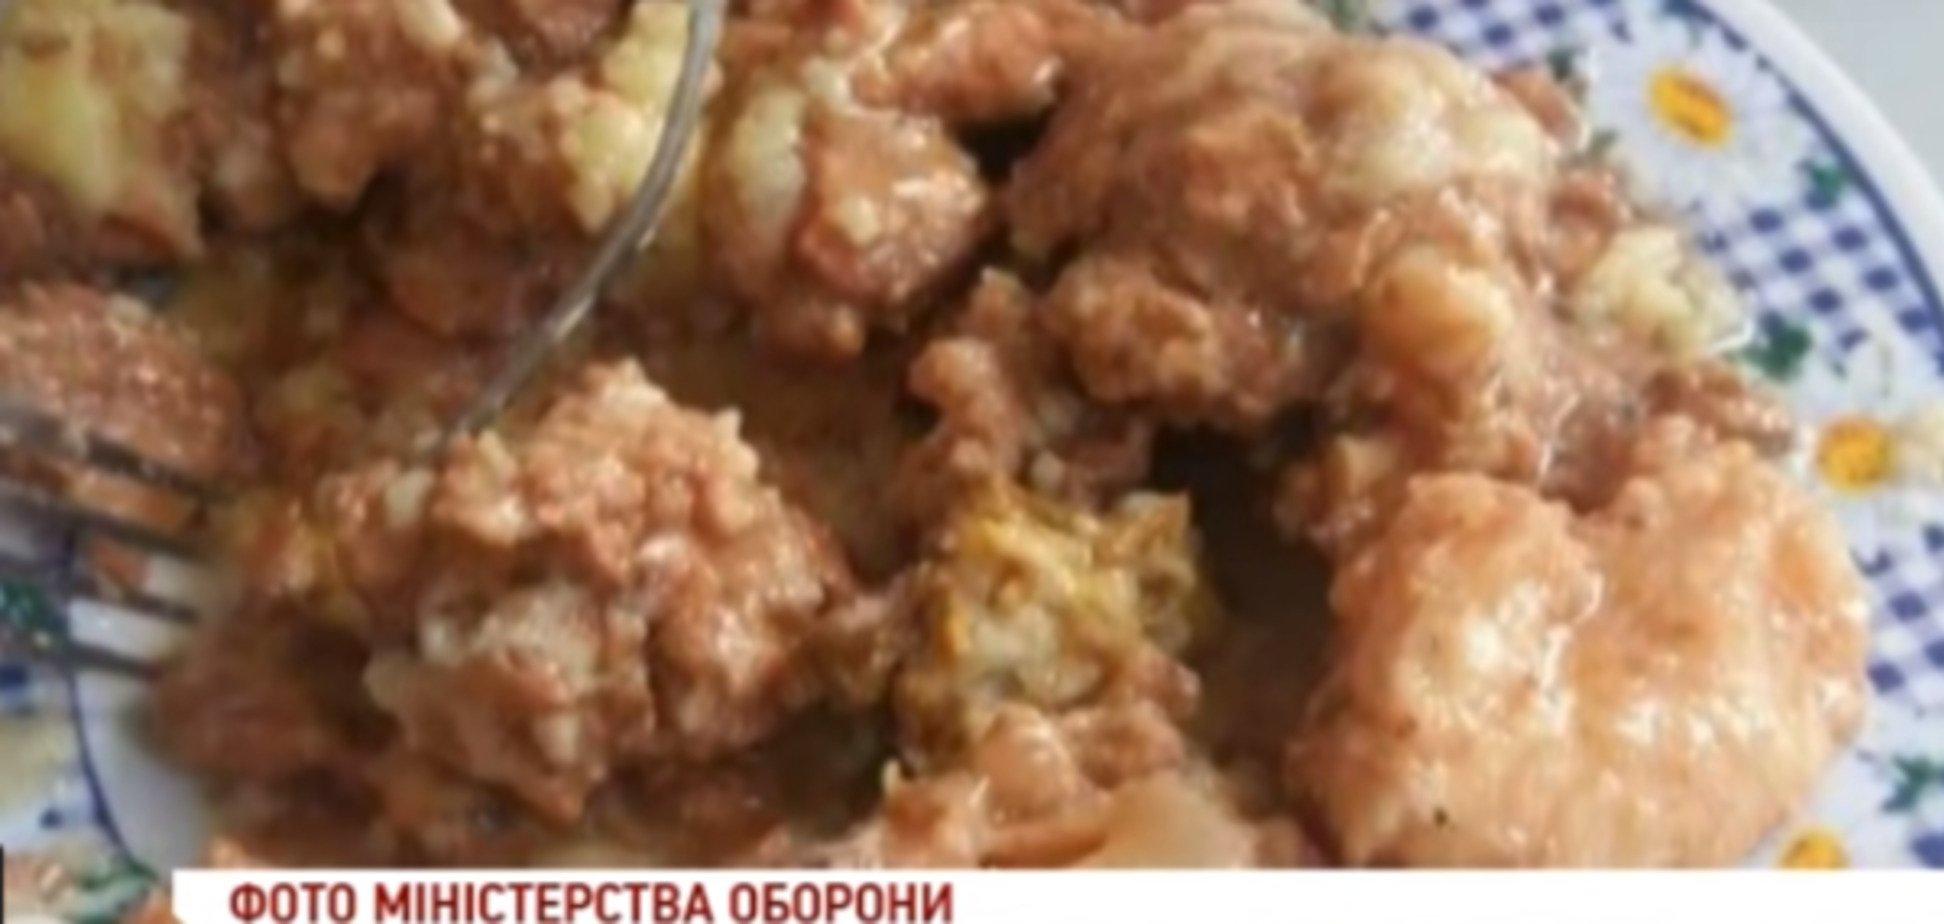 Украинских военных кормили пайками с плесенью по контракту на 400 миллионов